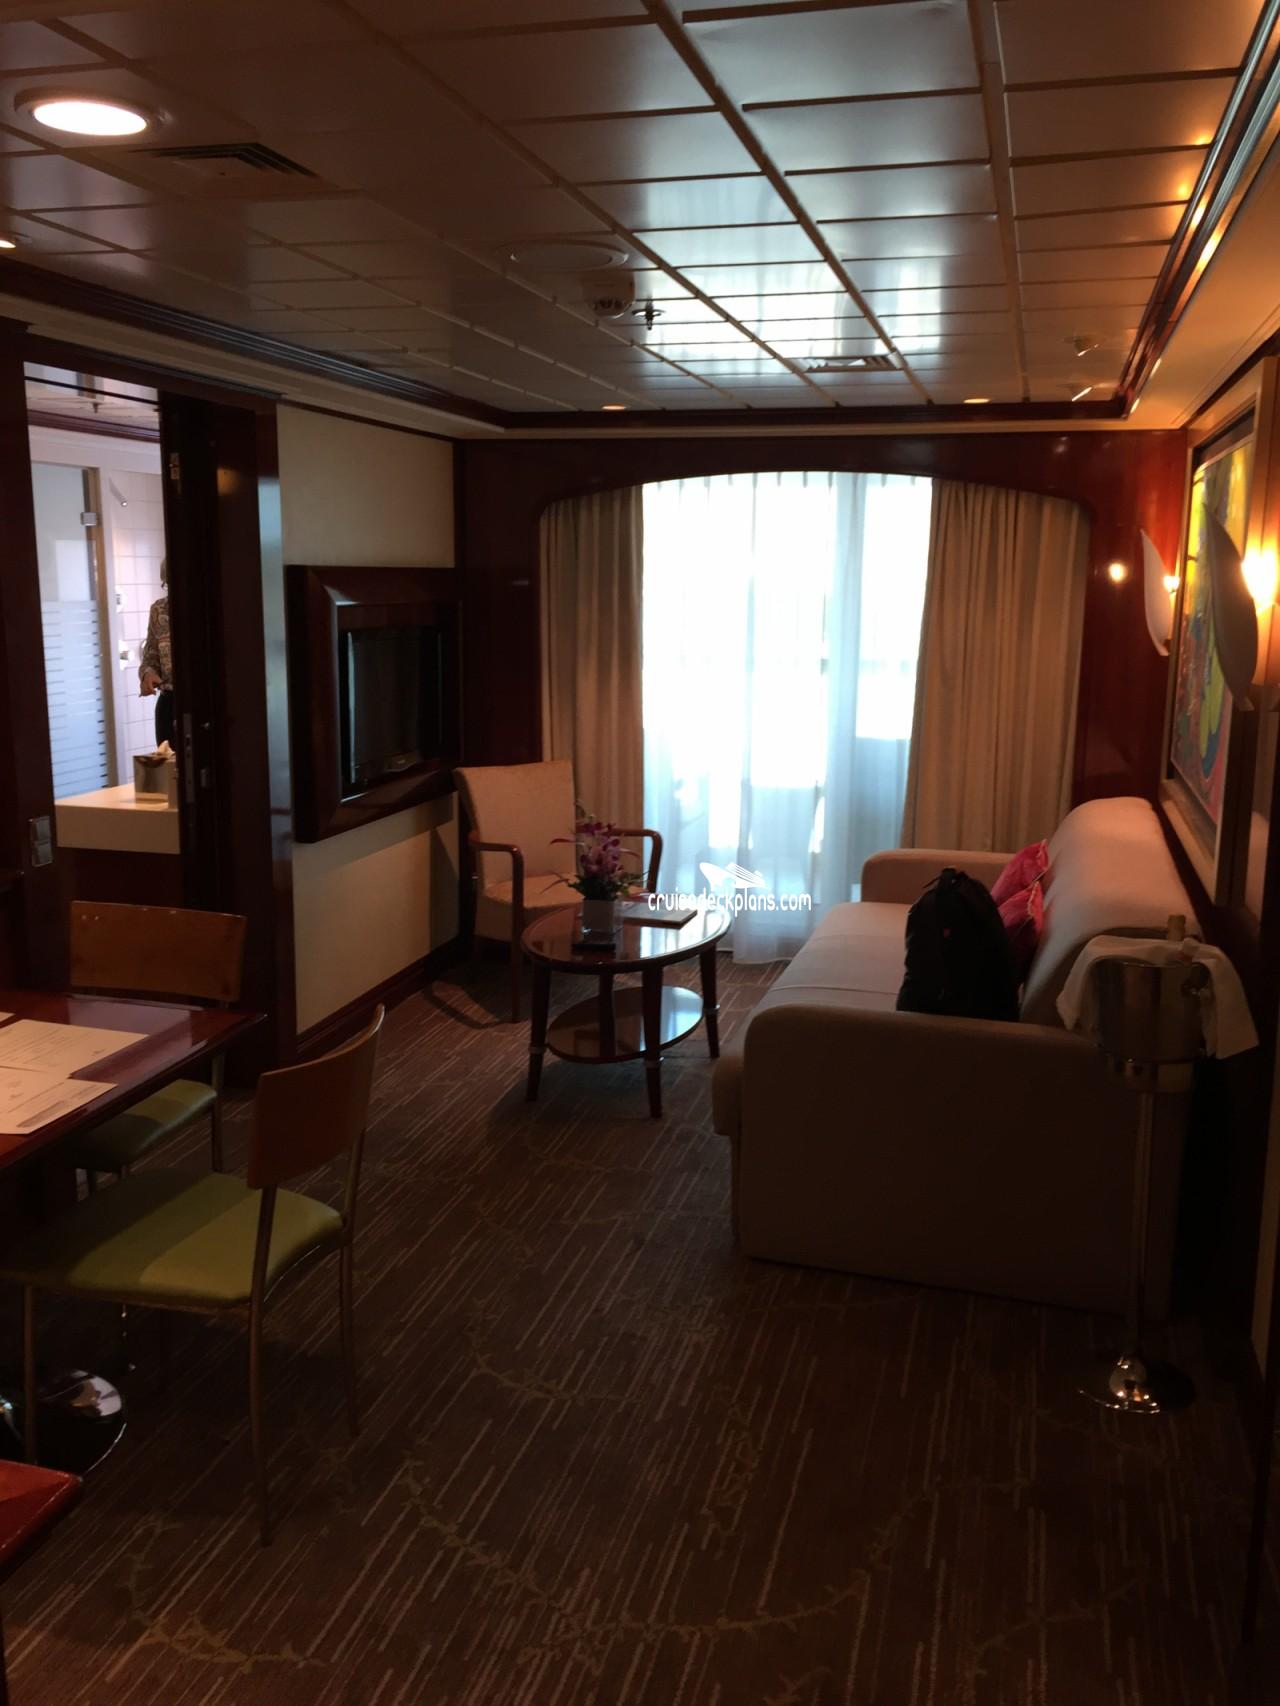 2 Bedroom Suite Mandalay Bay: Norwegian Jewel 2 Bedroom Family Suite Stateroom